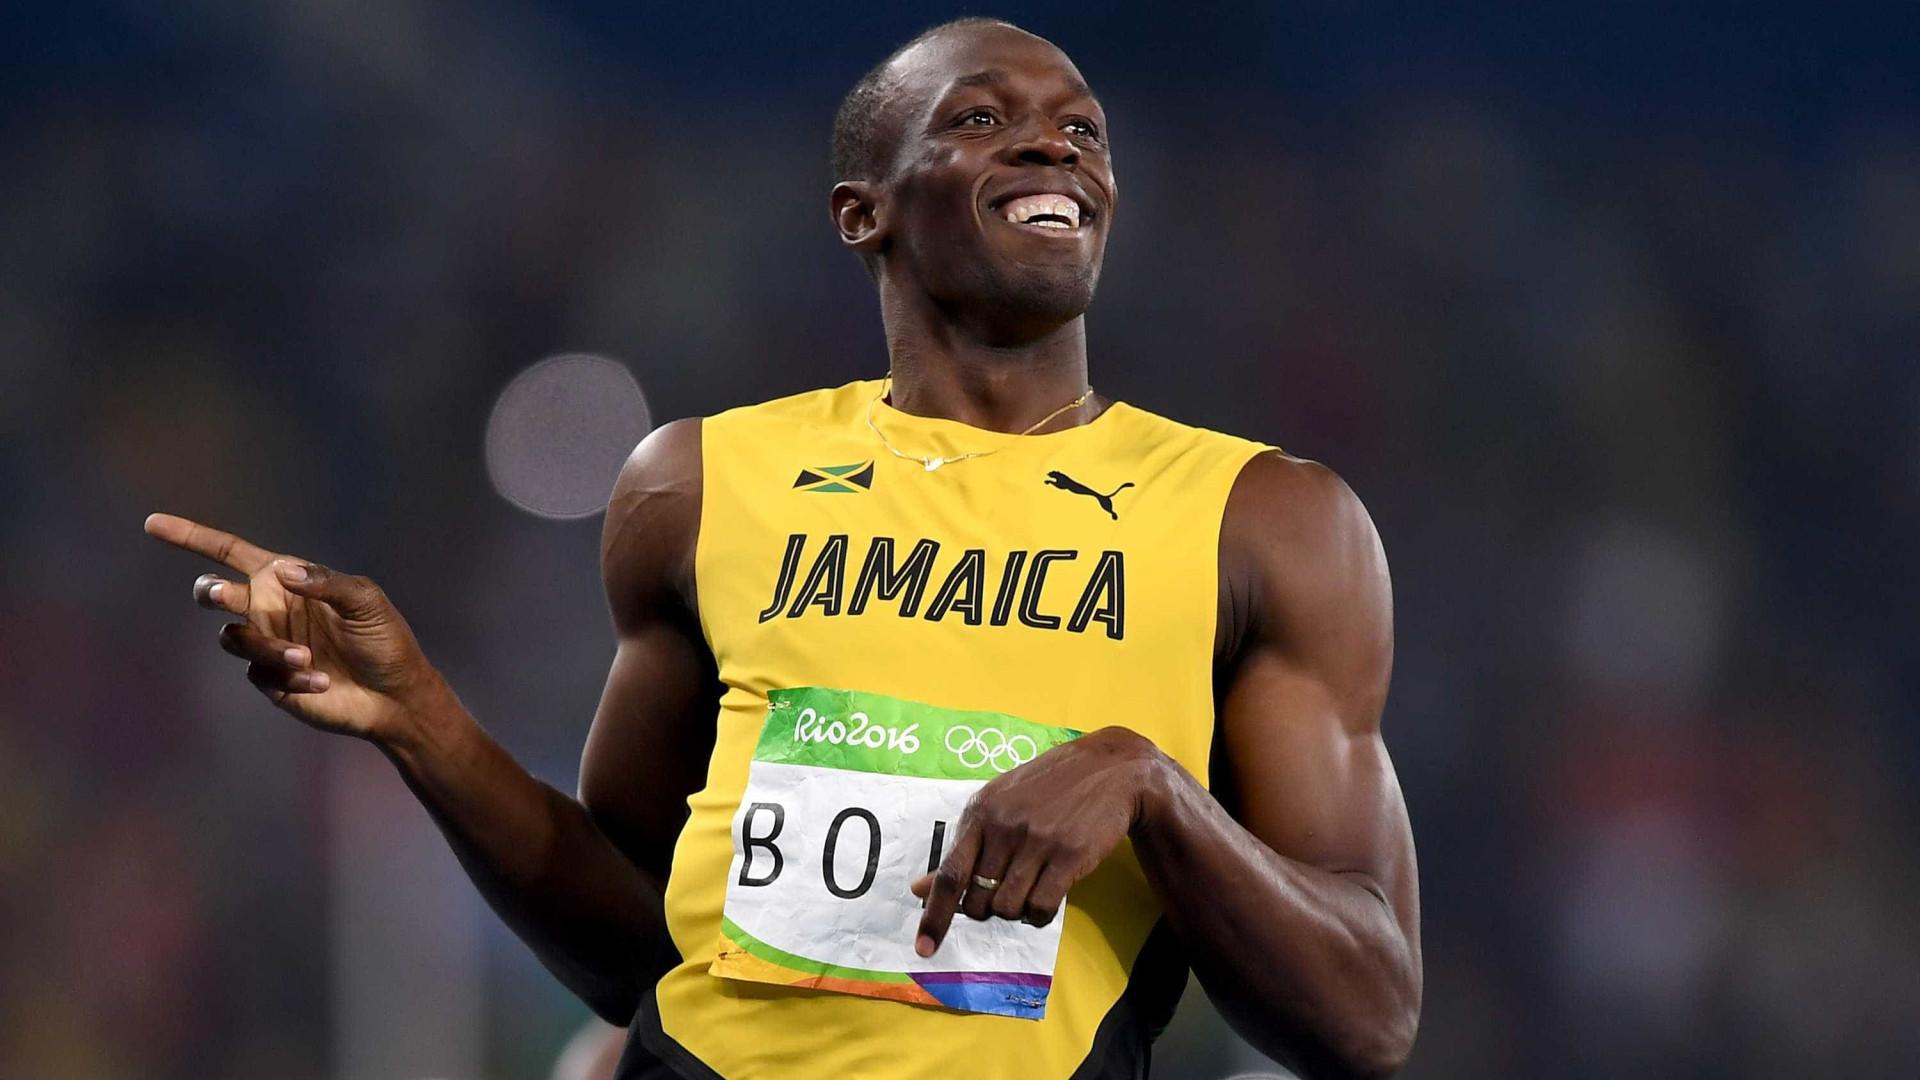 Usain Bolt confirma que vai treinar com o Borussia Dortmund